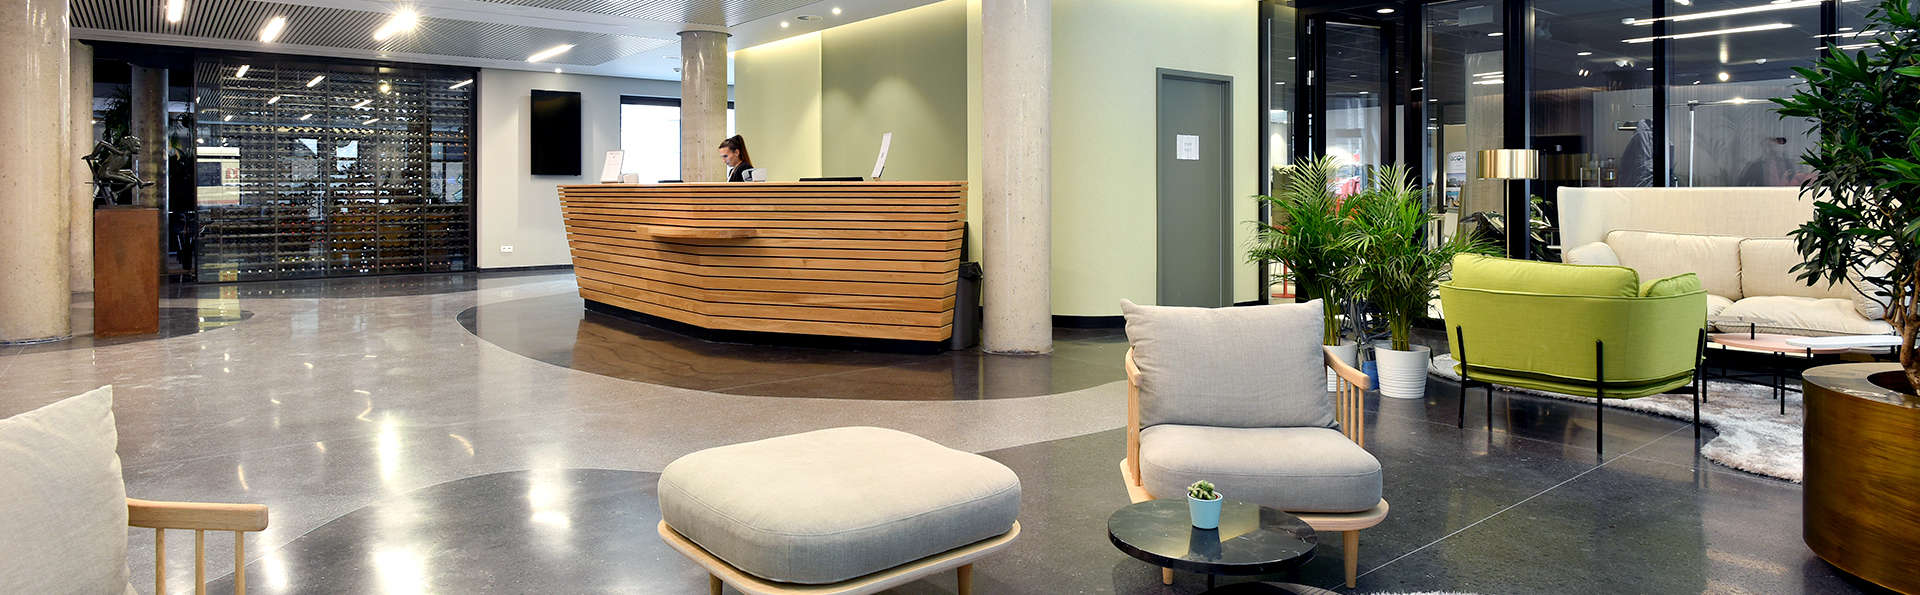 Speciale aanbieding: Geniet in dit gloednieuw hotel in Louvain-la-Neuve